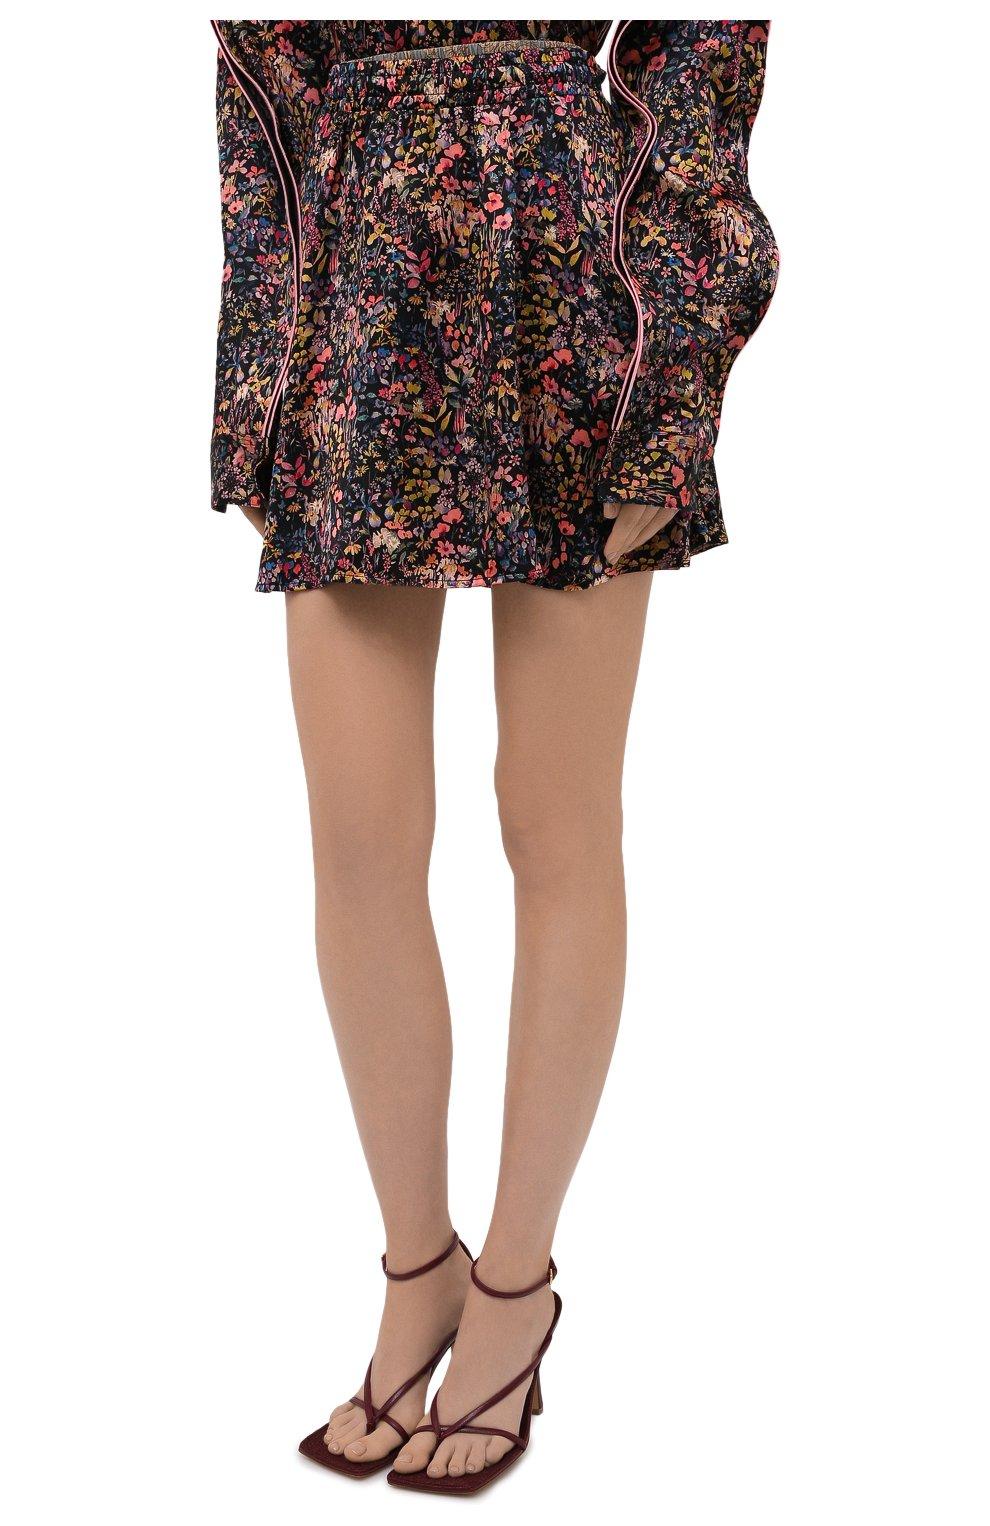 Женская шелковая юбка Y/PROJECT разноцветного цвета, арт. WSKIRT55-S20 F91 | Фото 3 (Материал внешний: Шелк; Длина Ж (юбки, платья, шорты): Мини; Женское Кросс-КТ: Юбка-одежда; Стили: Романтичный; Материал подклада: Шелк)